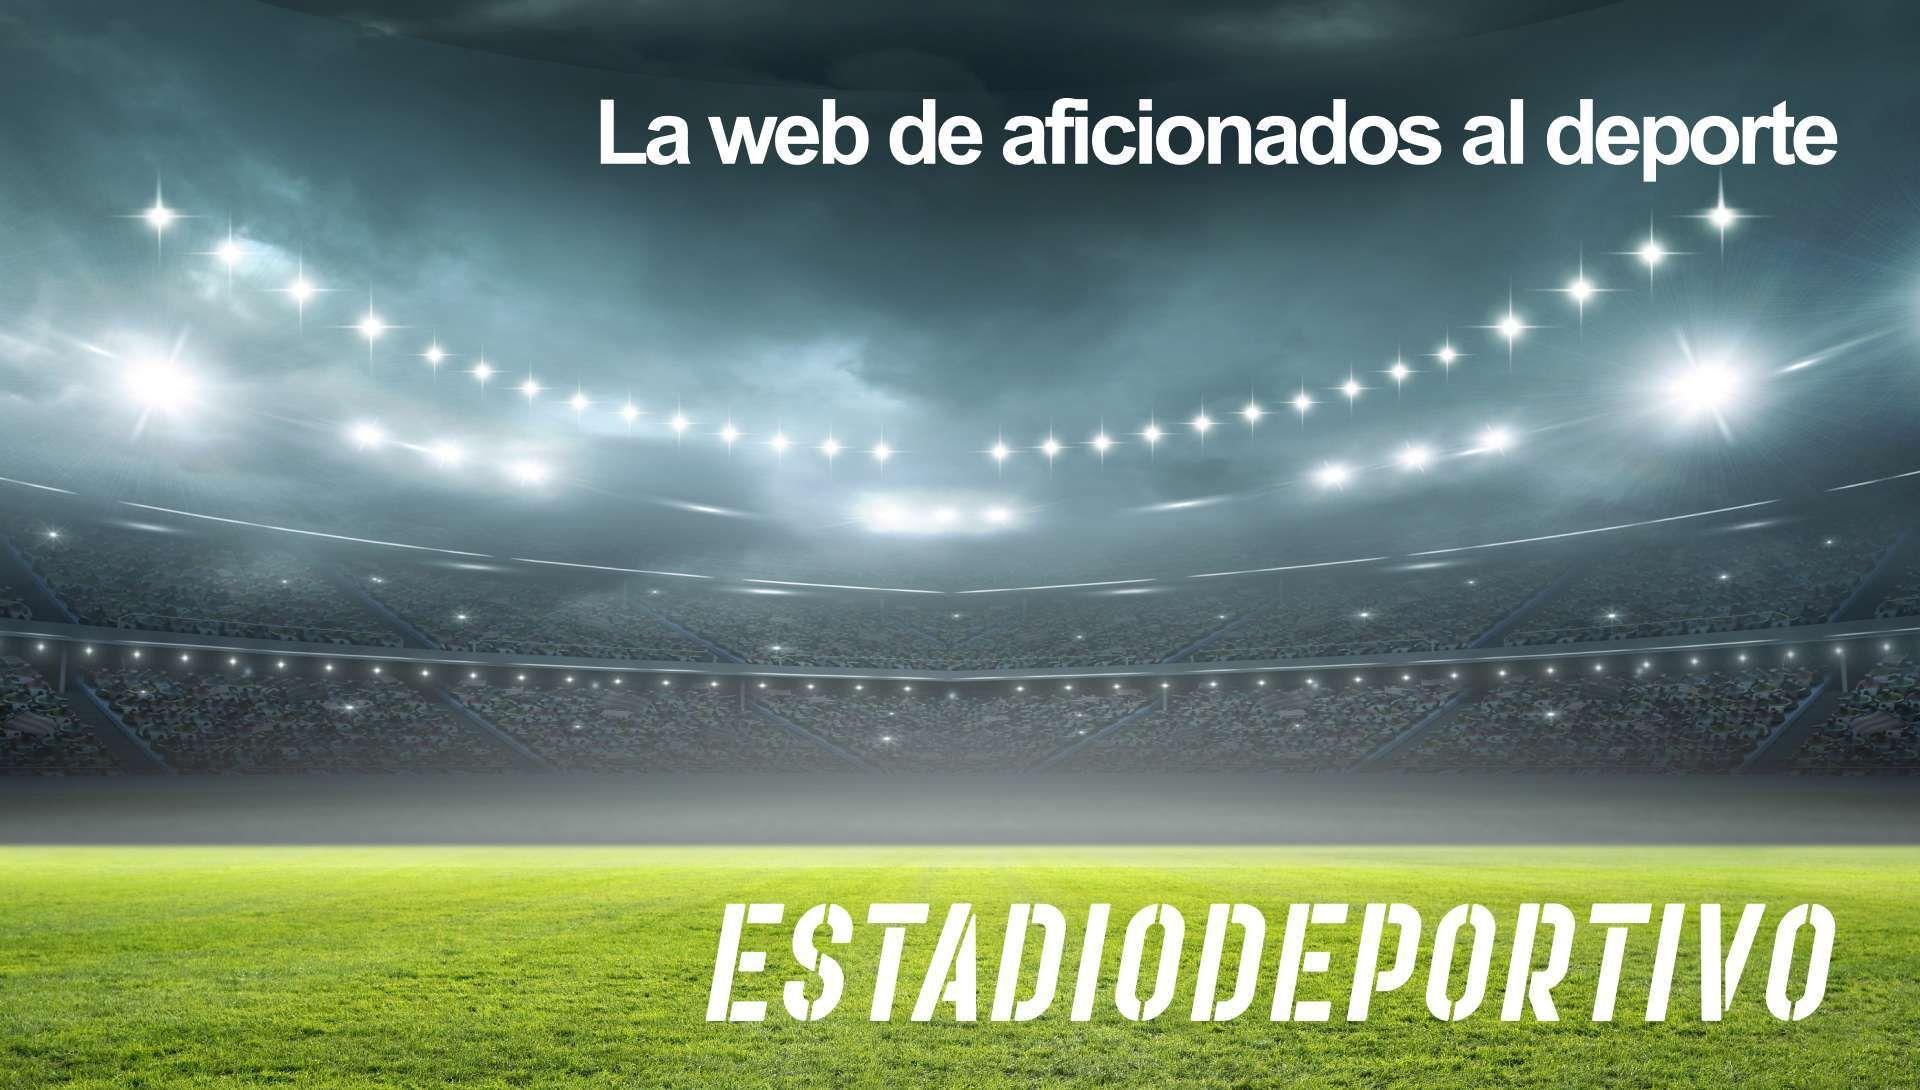 El desfile de Victoria's Secret, en imágenes